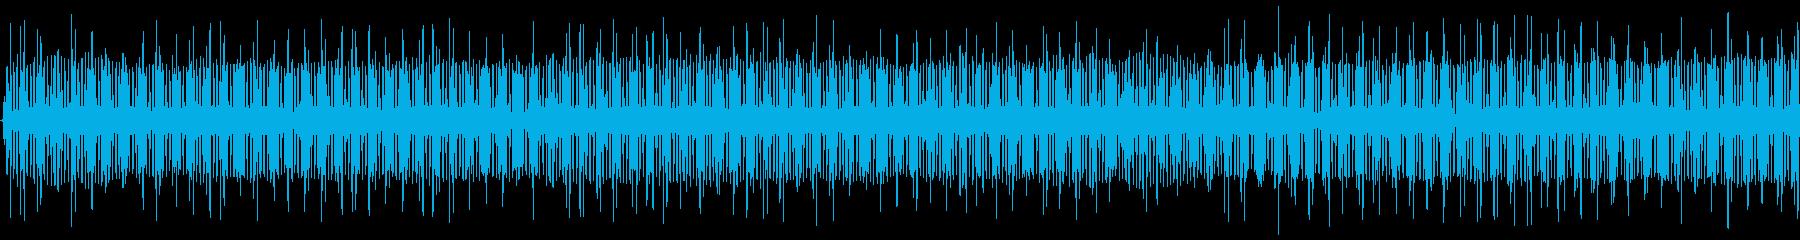 クリケット1の再生済みの波形